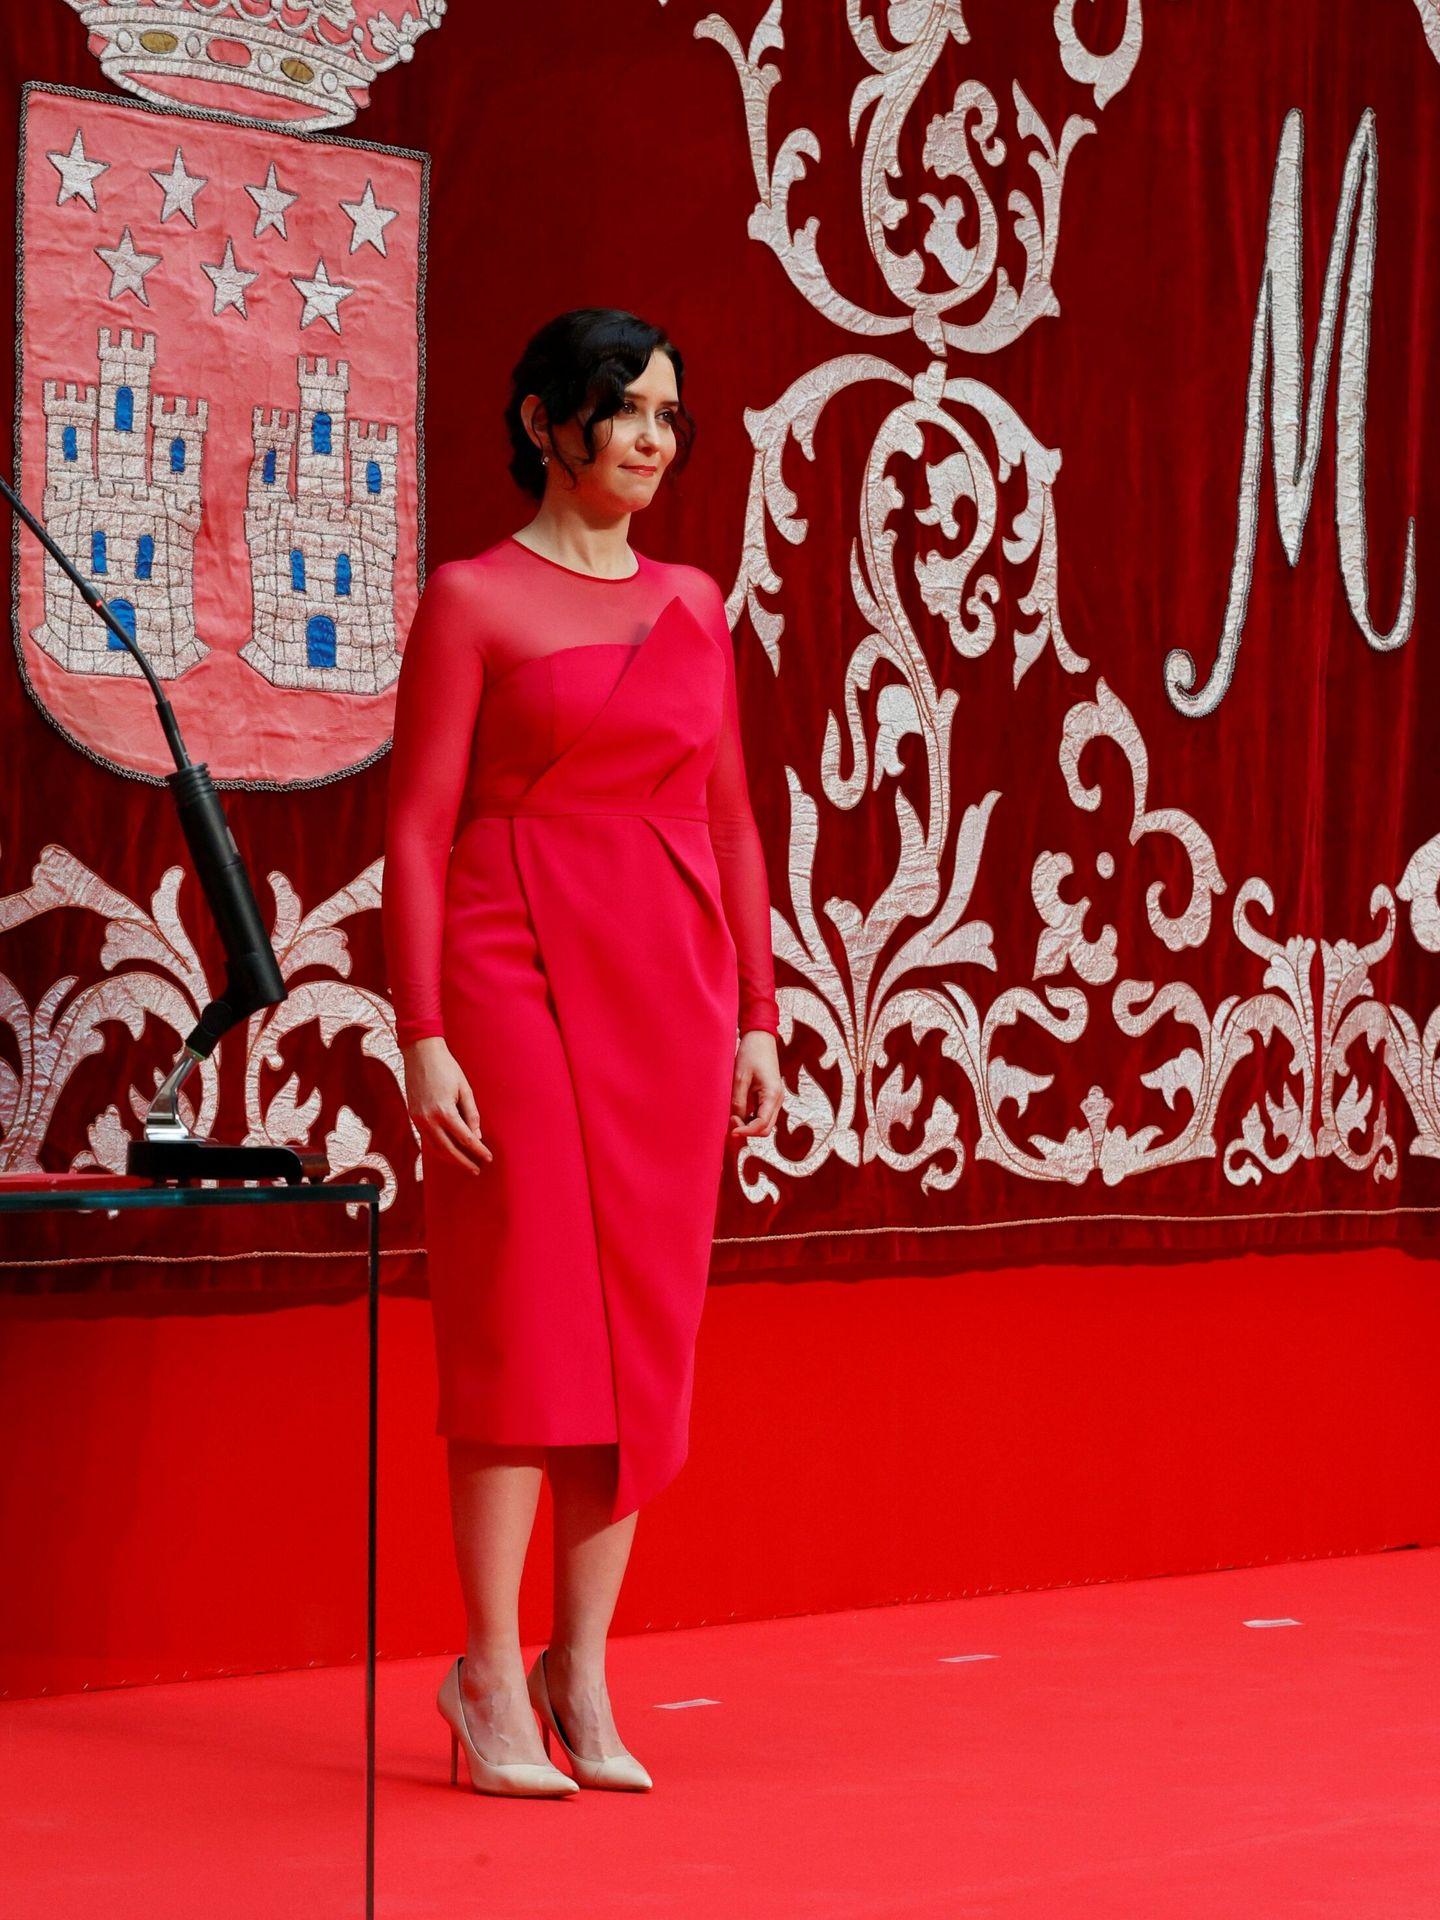 La presidenta de la Comunidad de Madrid, Isabel Díaz Ayuso, tras su investidura celebrada en la Real Casa de Correos. (EFE)